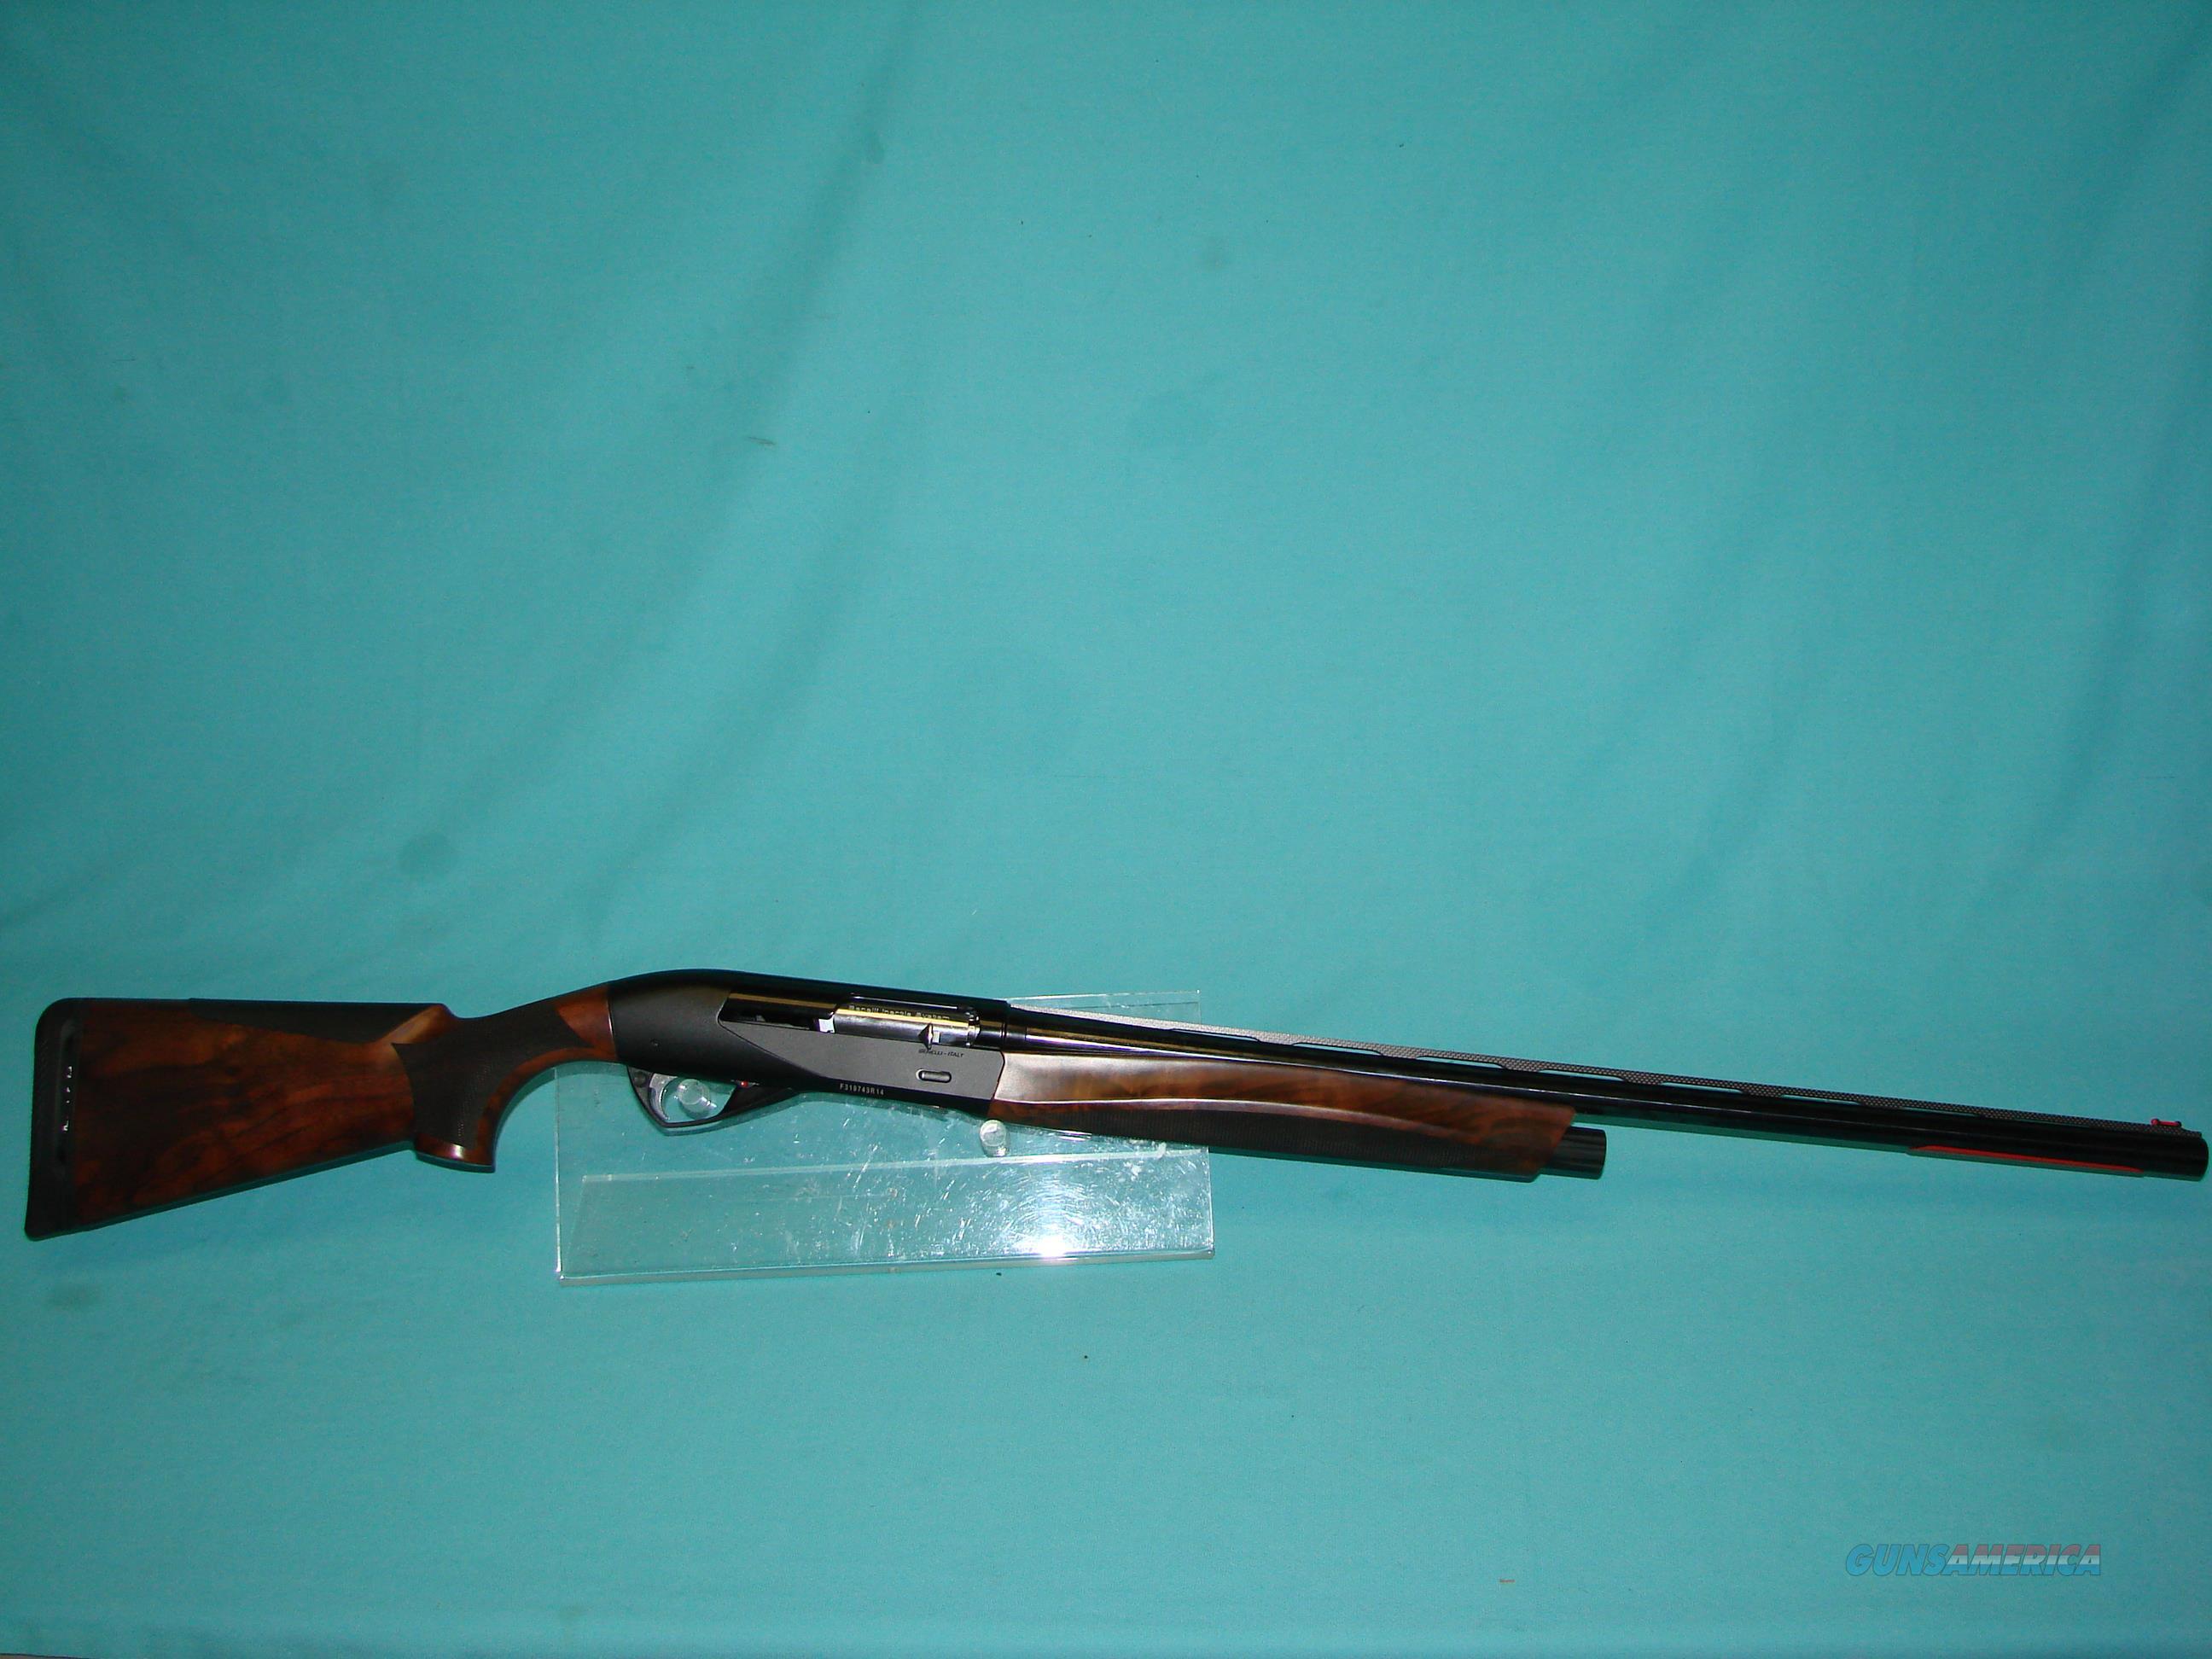 Benelli Ethos Field  Guns > Shotguns > Benelli Shotguns > Sporting